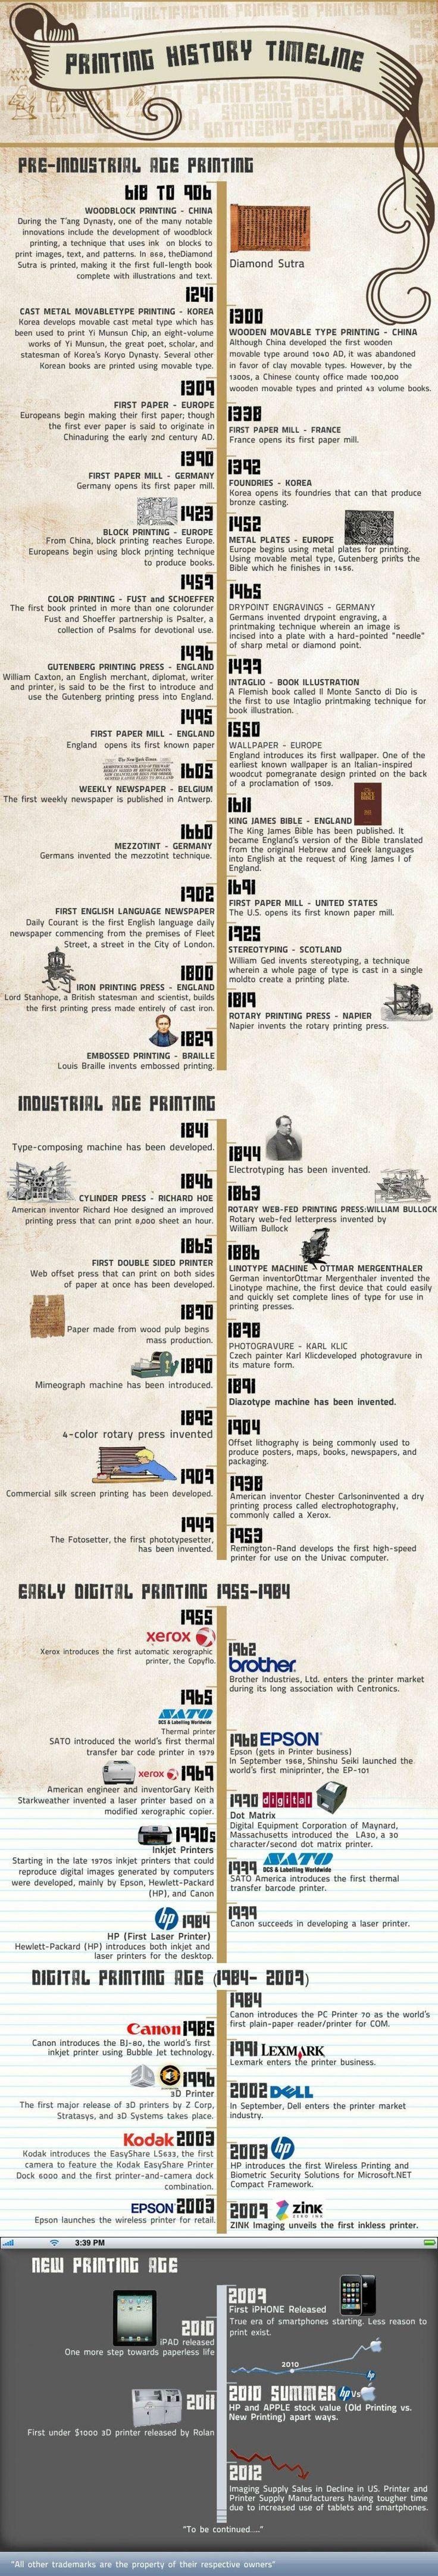 História da impressão gráfica